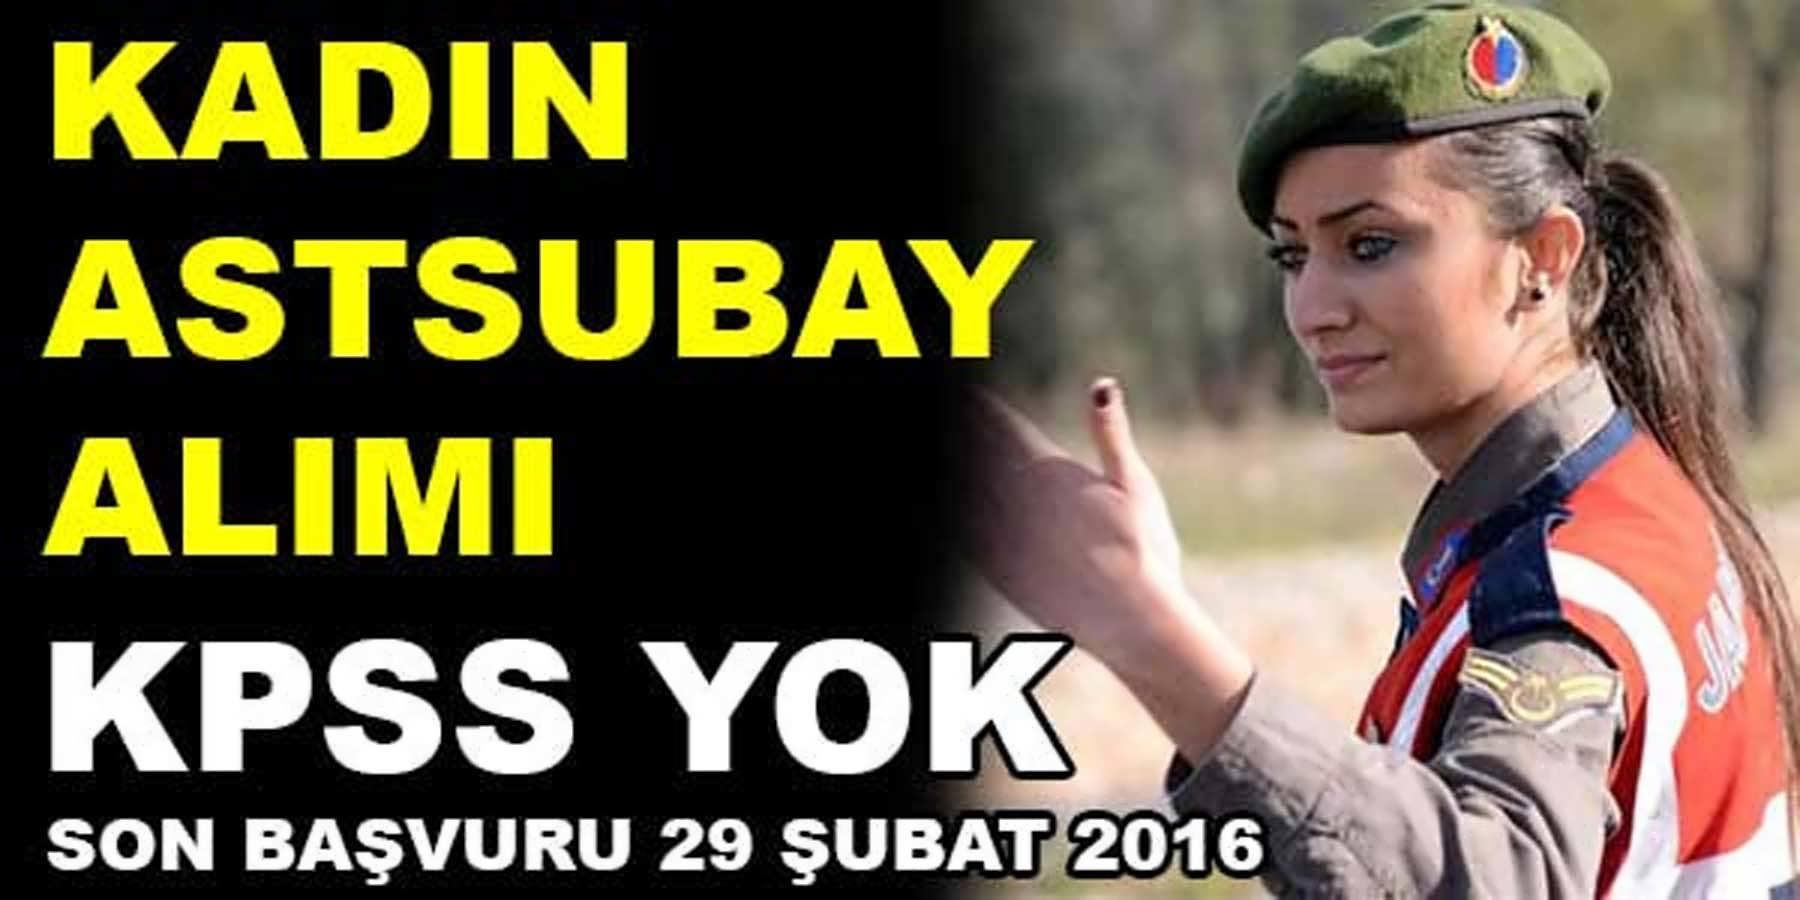 Kadın Astsubay Alımı Başvurusu 2016